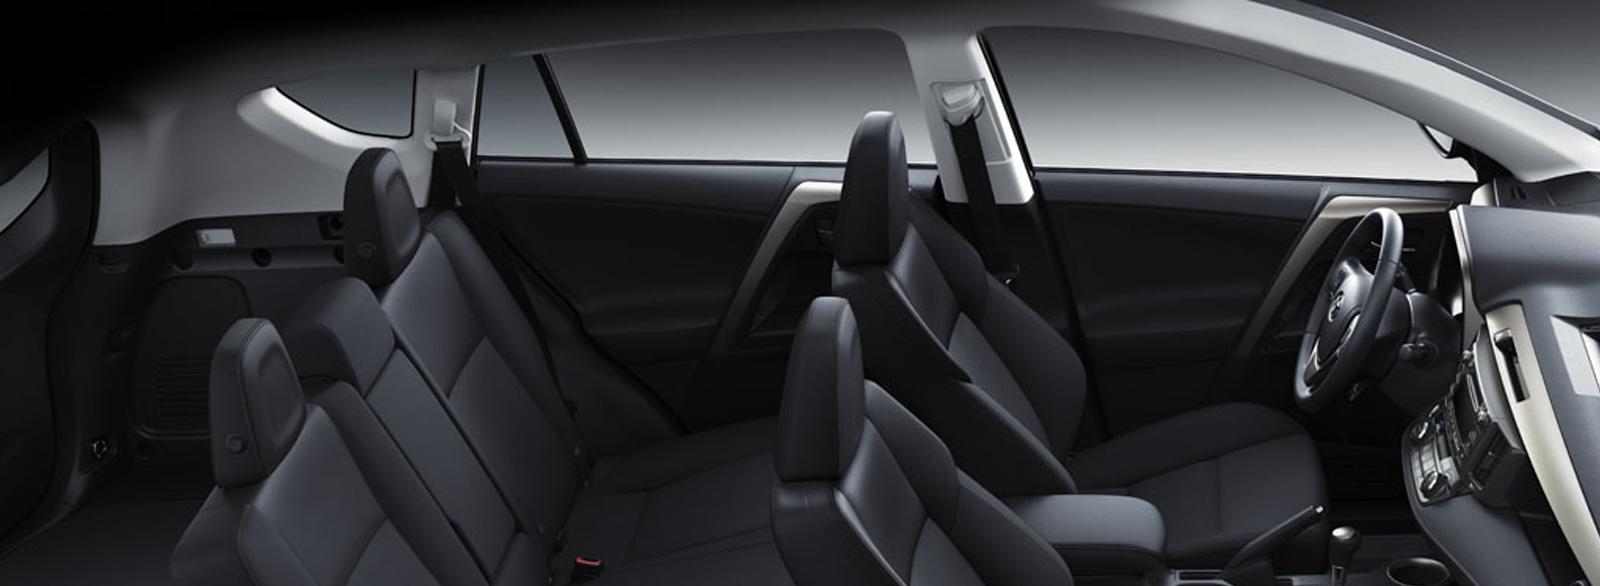 rav4-interior3